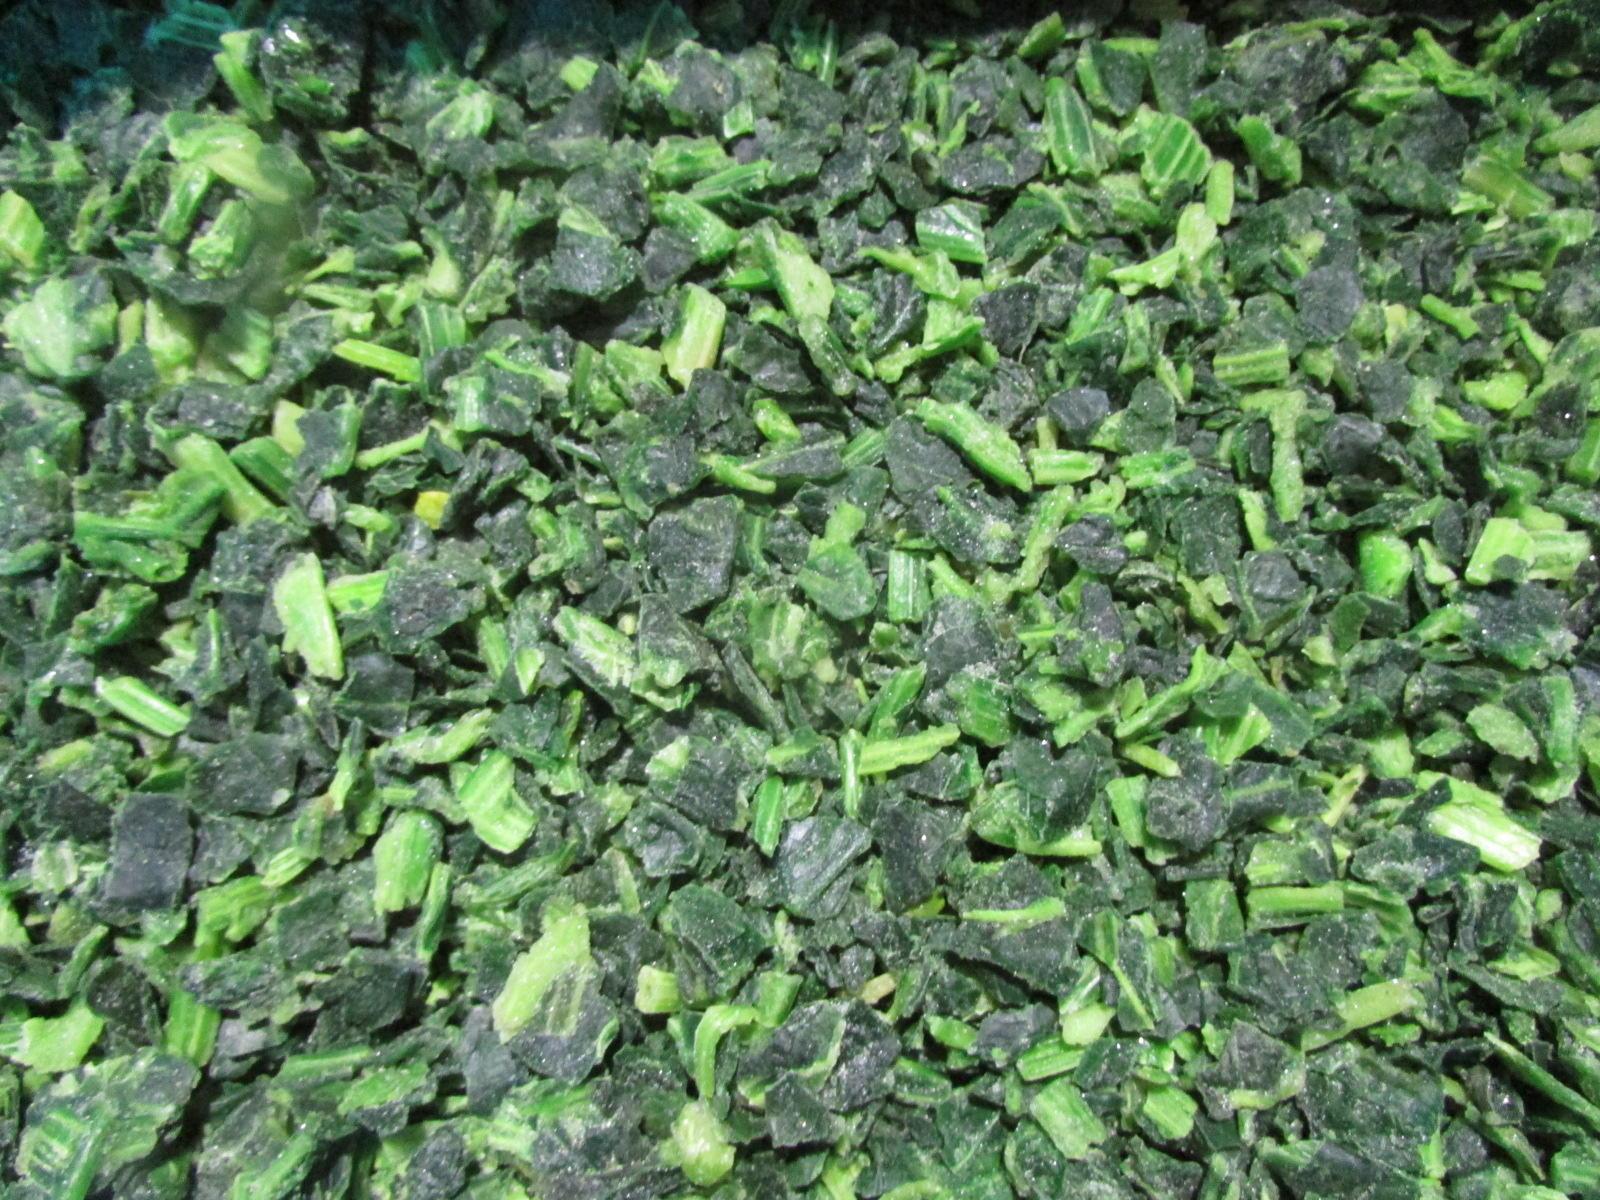 IQF Chopped Spinach,IQF Spinach Cut,BQF Cut Spinach,Frozen Chopped Spinach 11